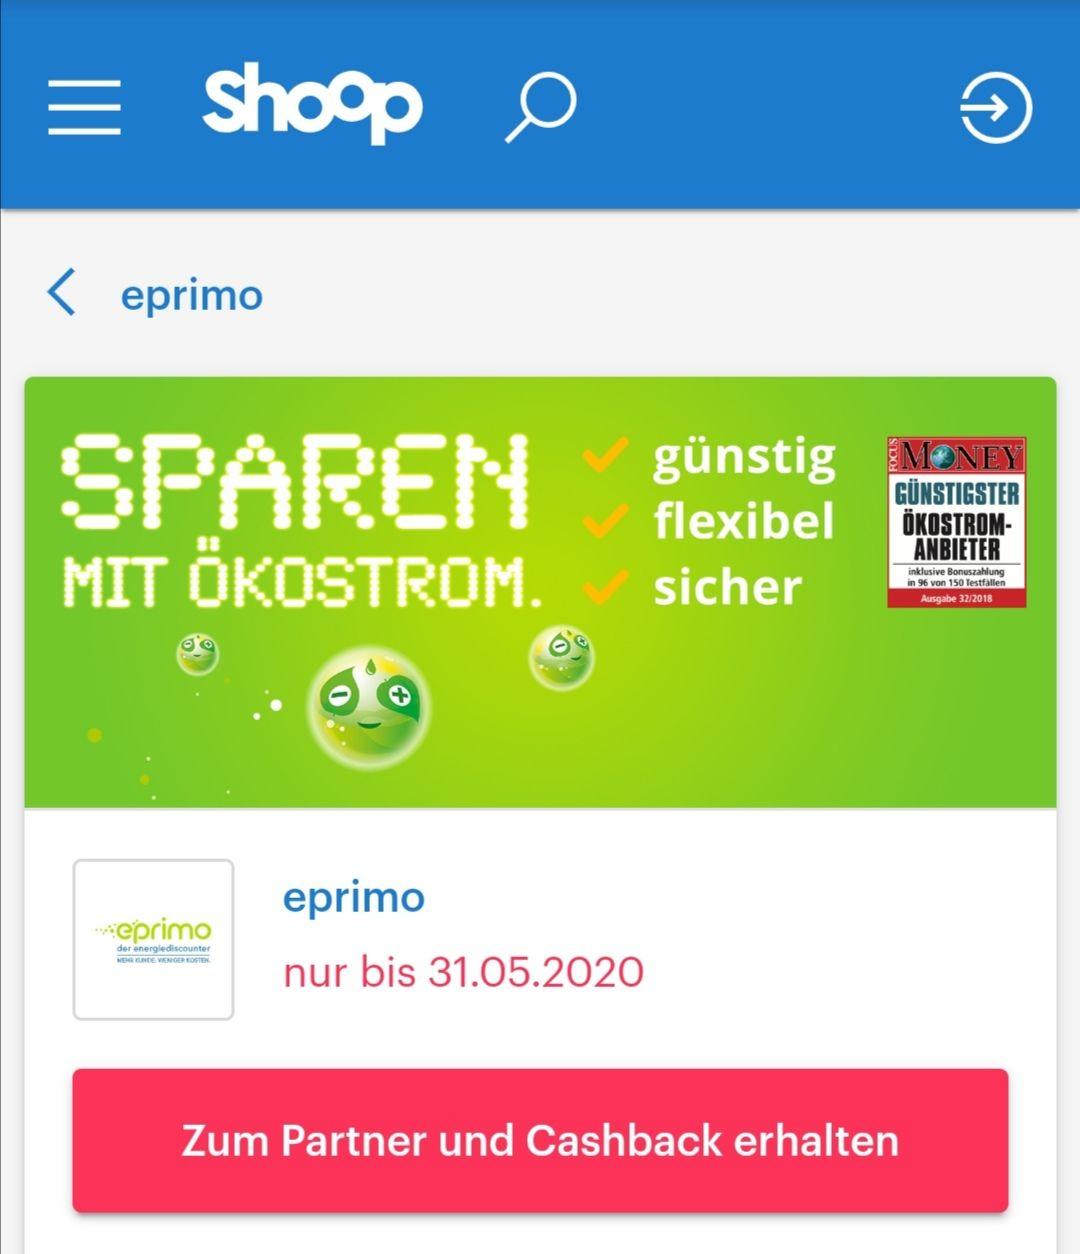 50€ Casback über Shoop für Eprimo Strom oder Gas Vertrag